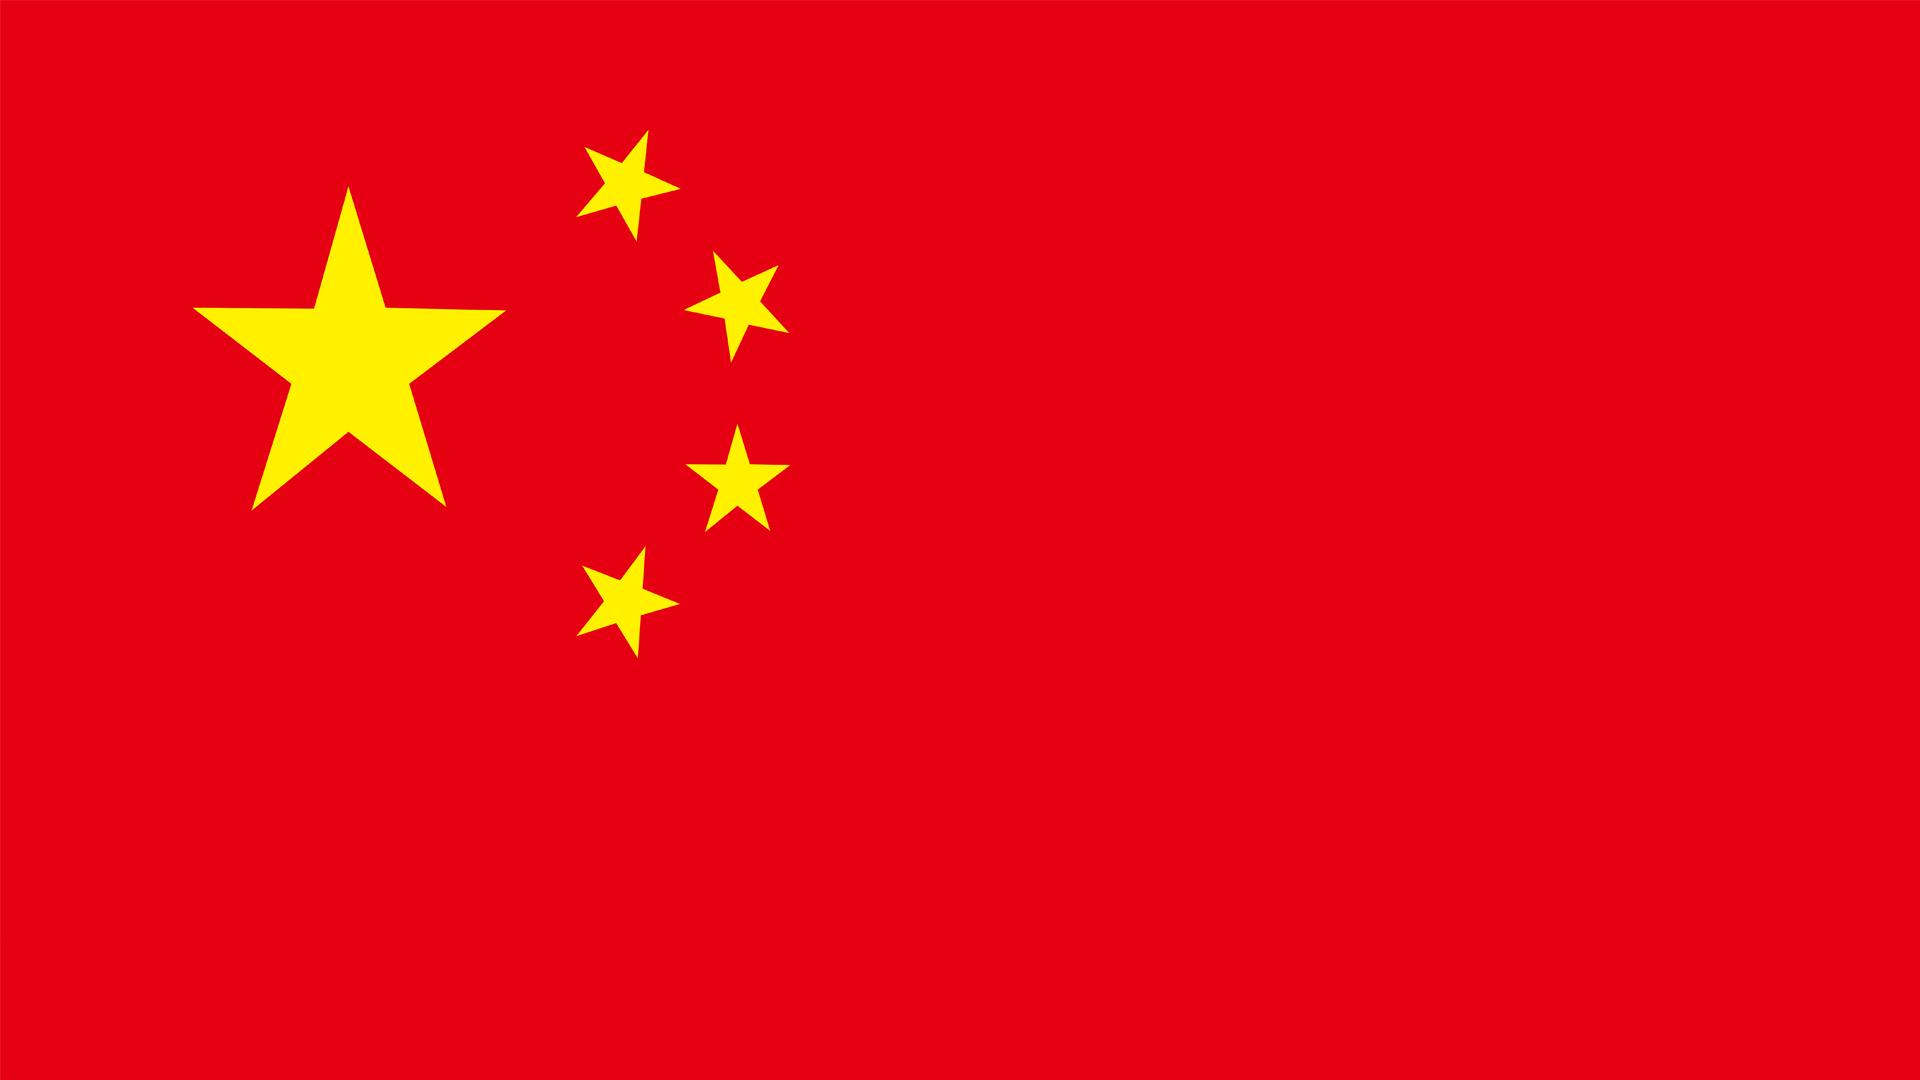 红旗在北京天安门广场升起,标志着五星红旗成为中华人民共和国国旗.